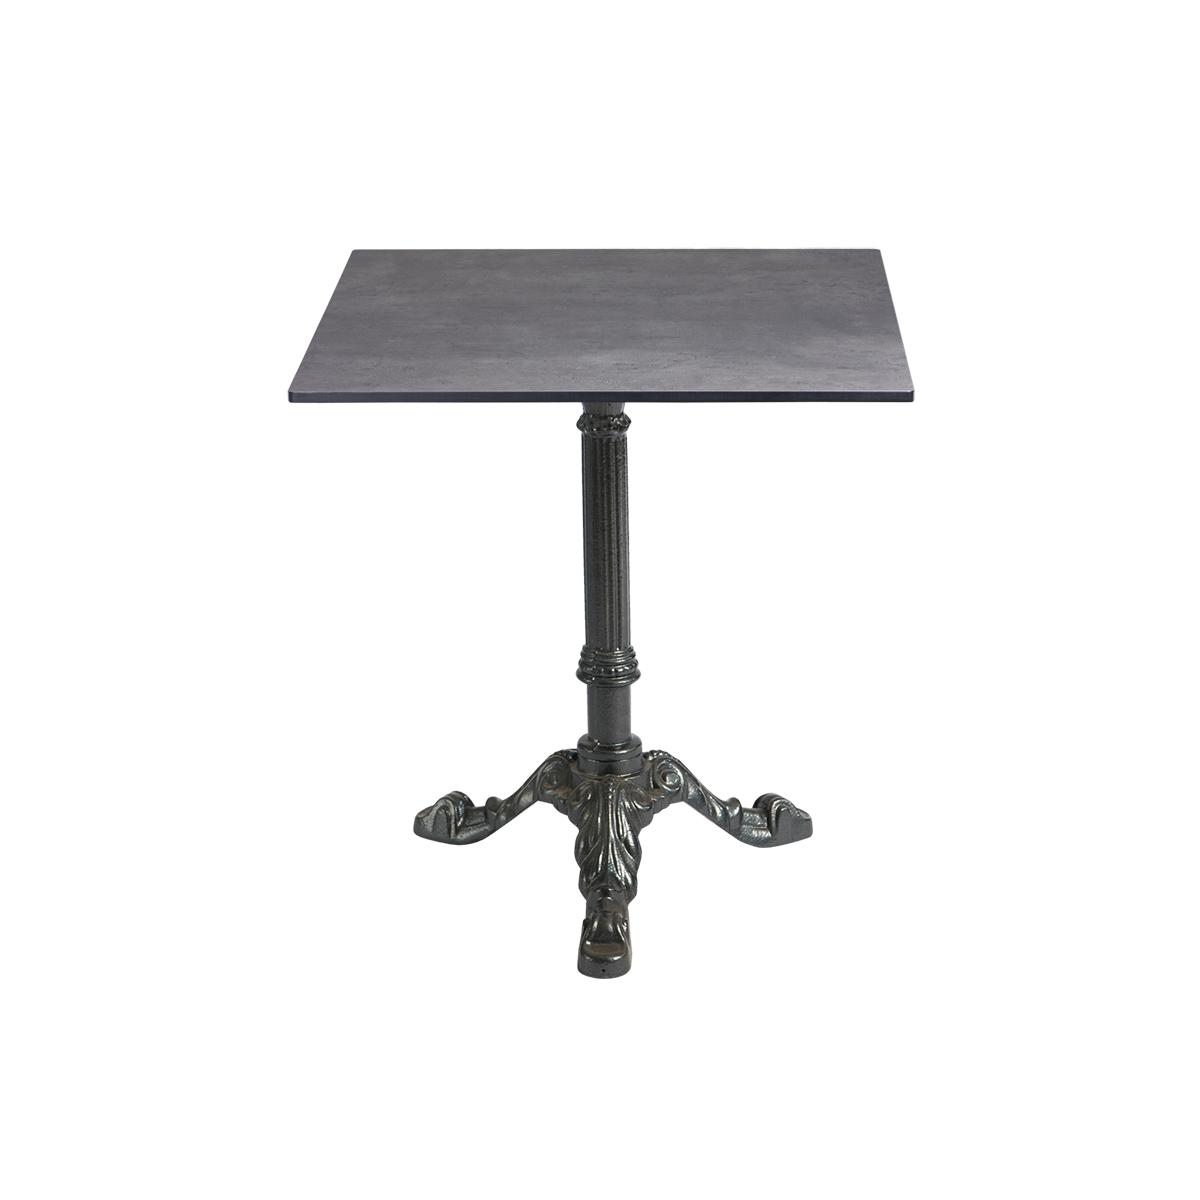 dieeventausstatter Sitztisch Classic Platte outdoor Beton eckig